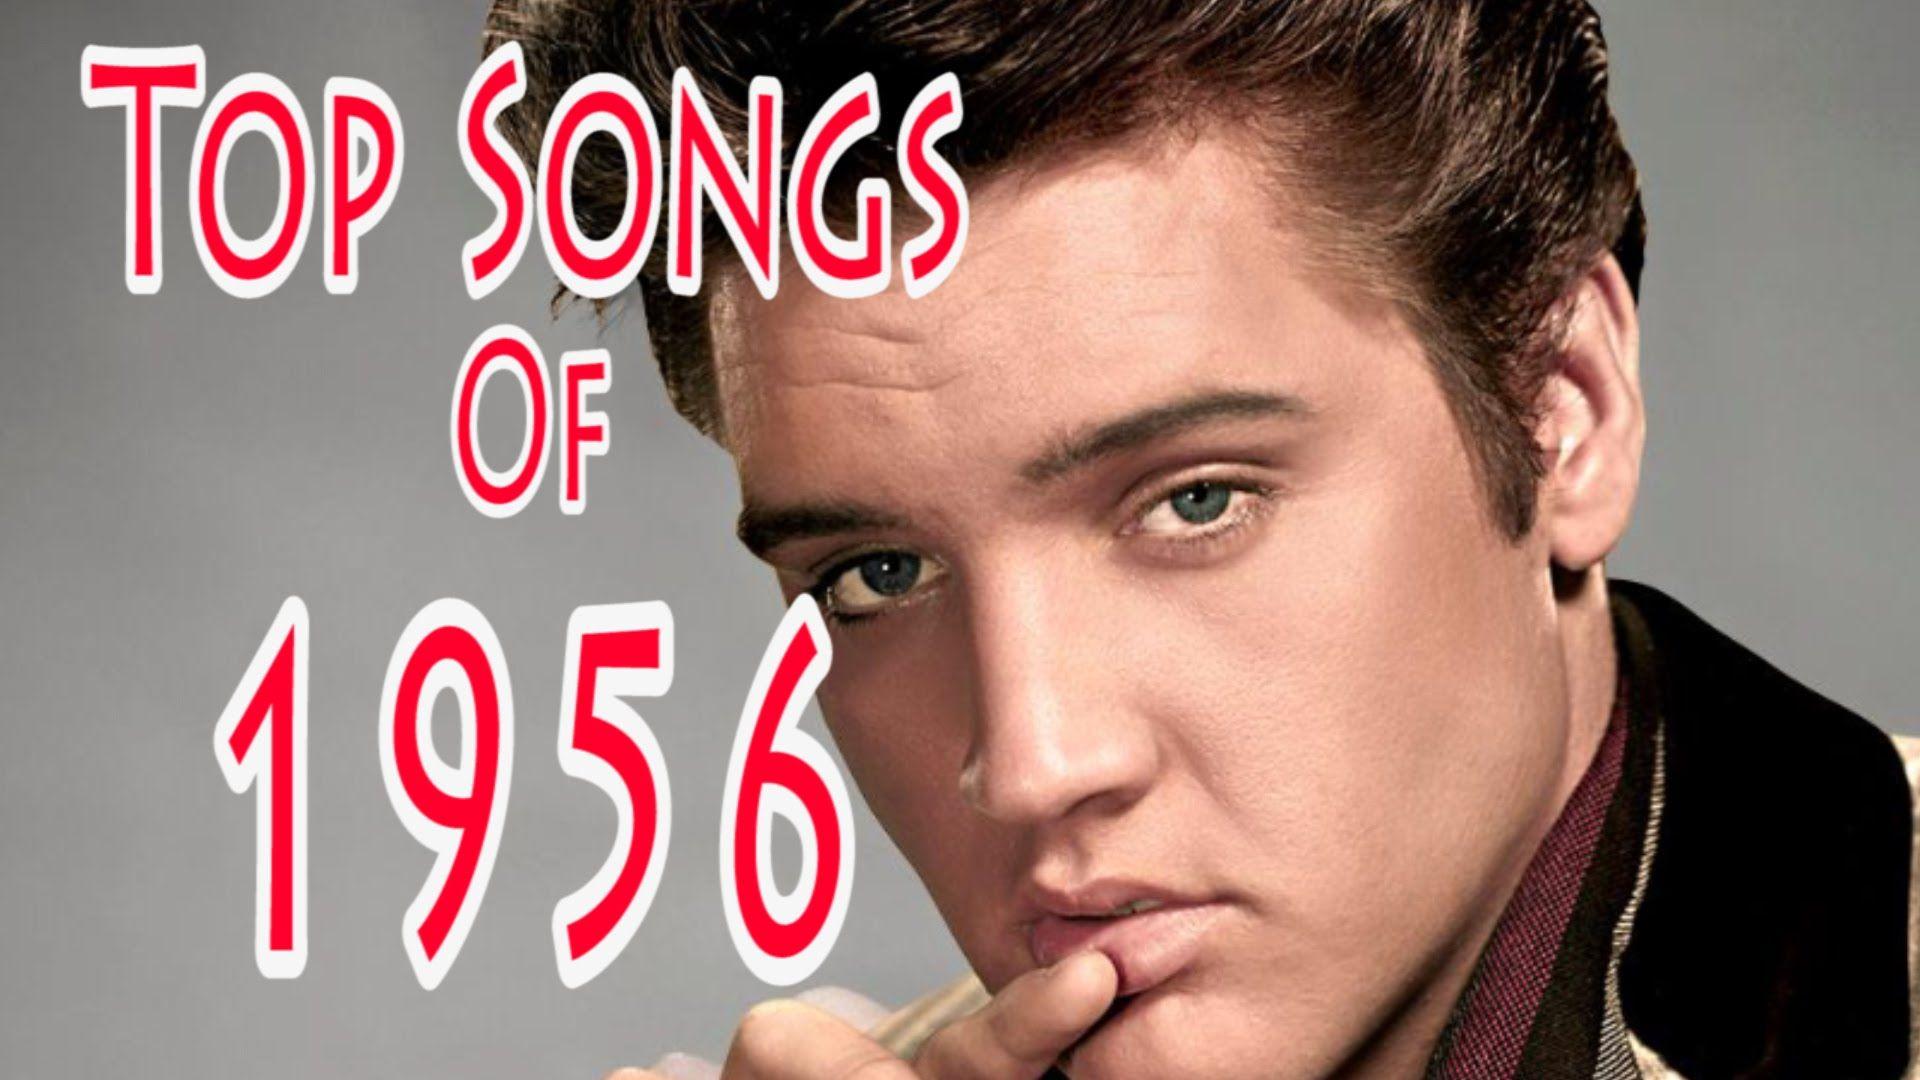 Top Songs of 1956 Songs, Top 30 songs, Best songs